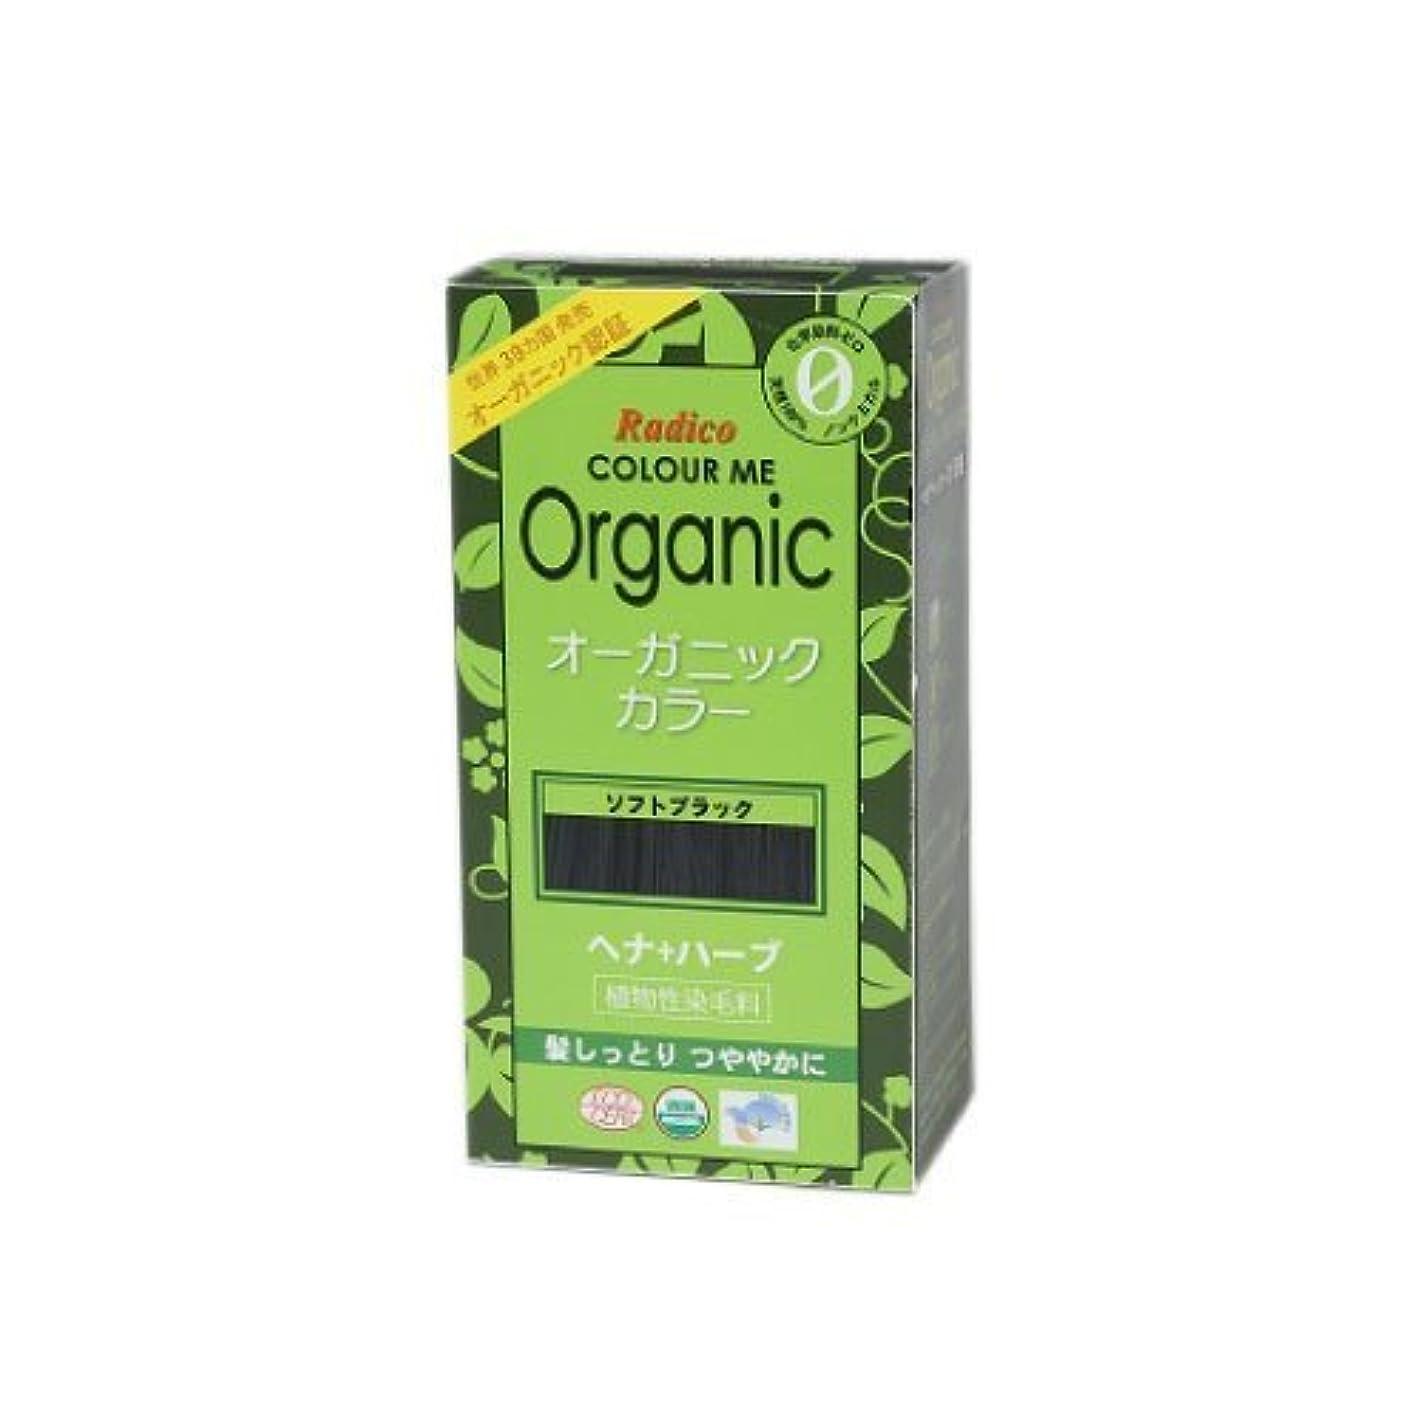 割り当てあいにく好奇心COLOURME Organic (カラーミーオーガニック ヘナ 白髪用 髪色戻し) ソフトブラック 100g